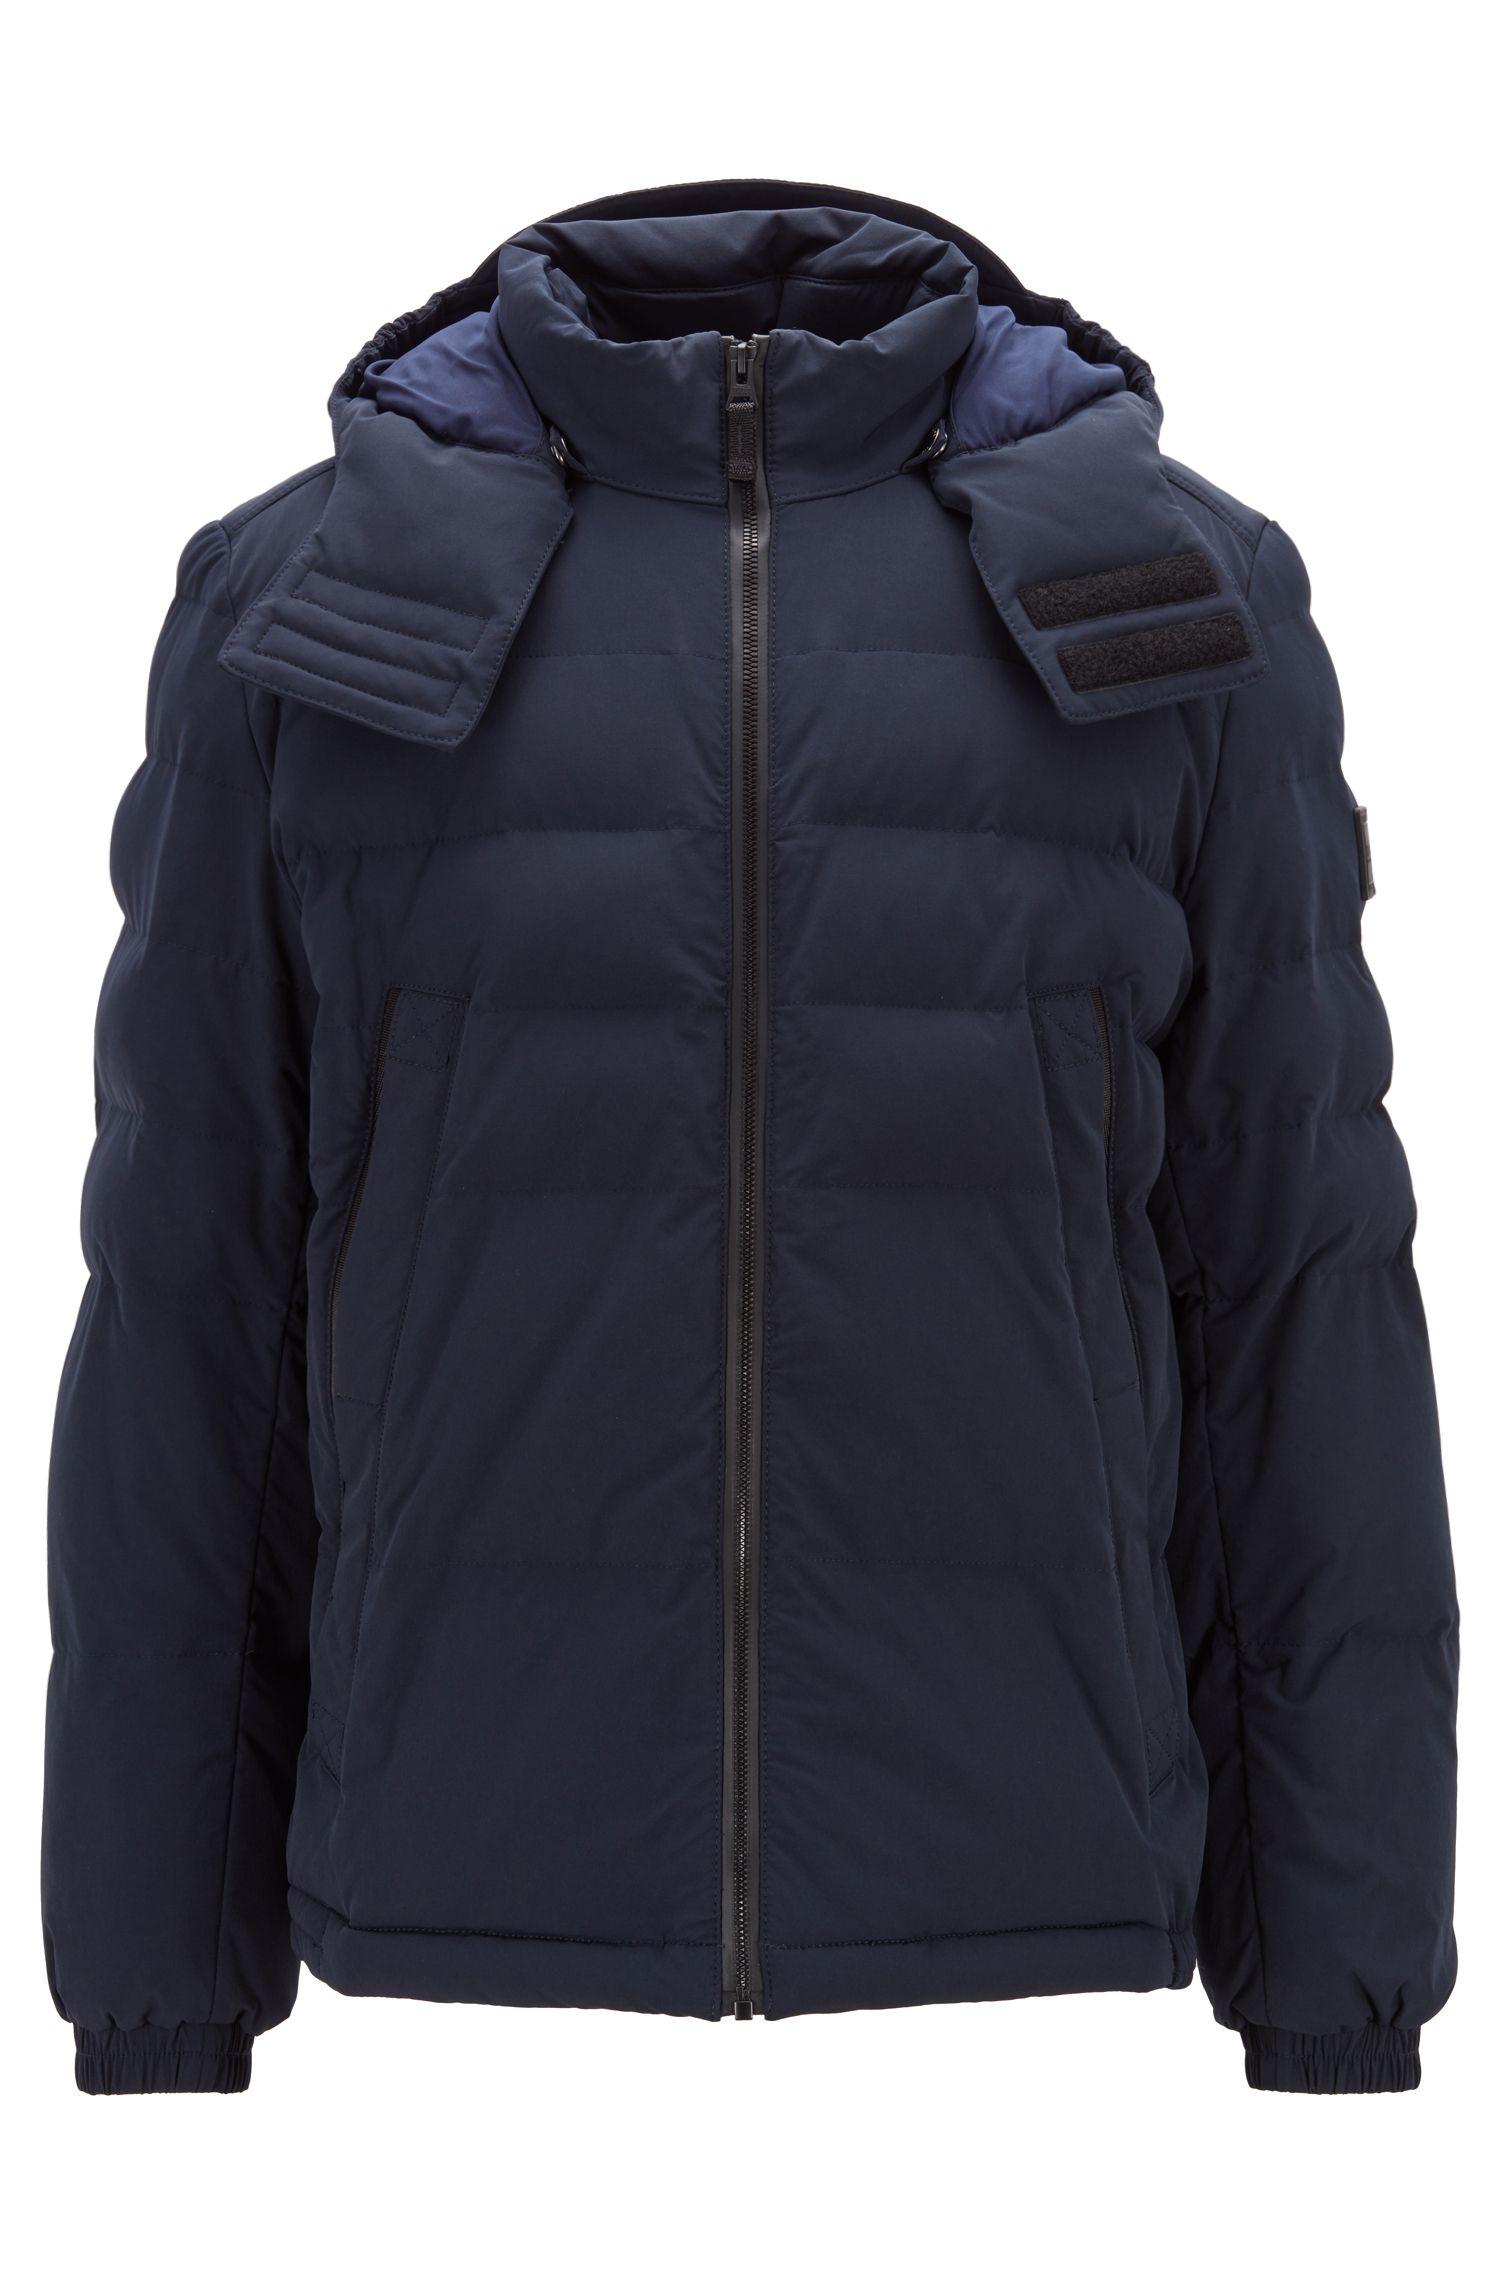 Waterafstotende jas van viervoudig stretchmateriaal met vulling, Donkerblauw